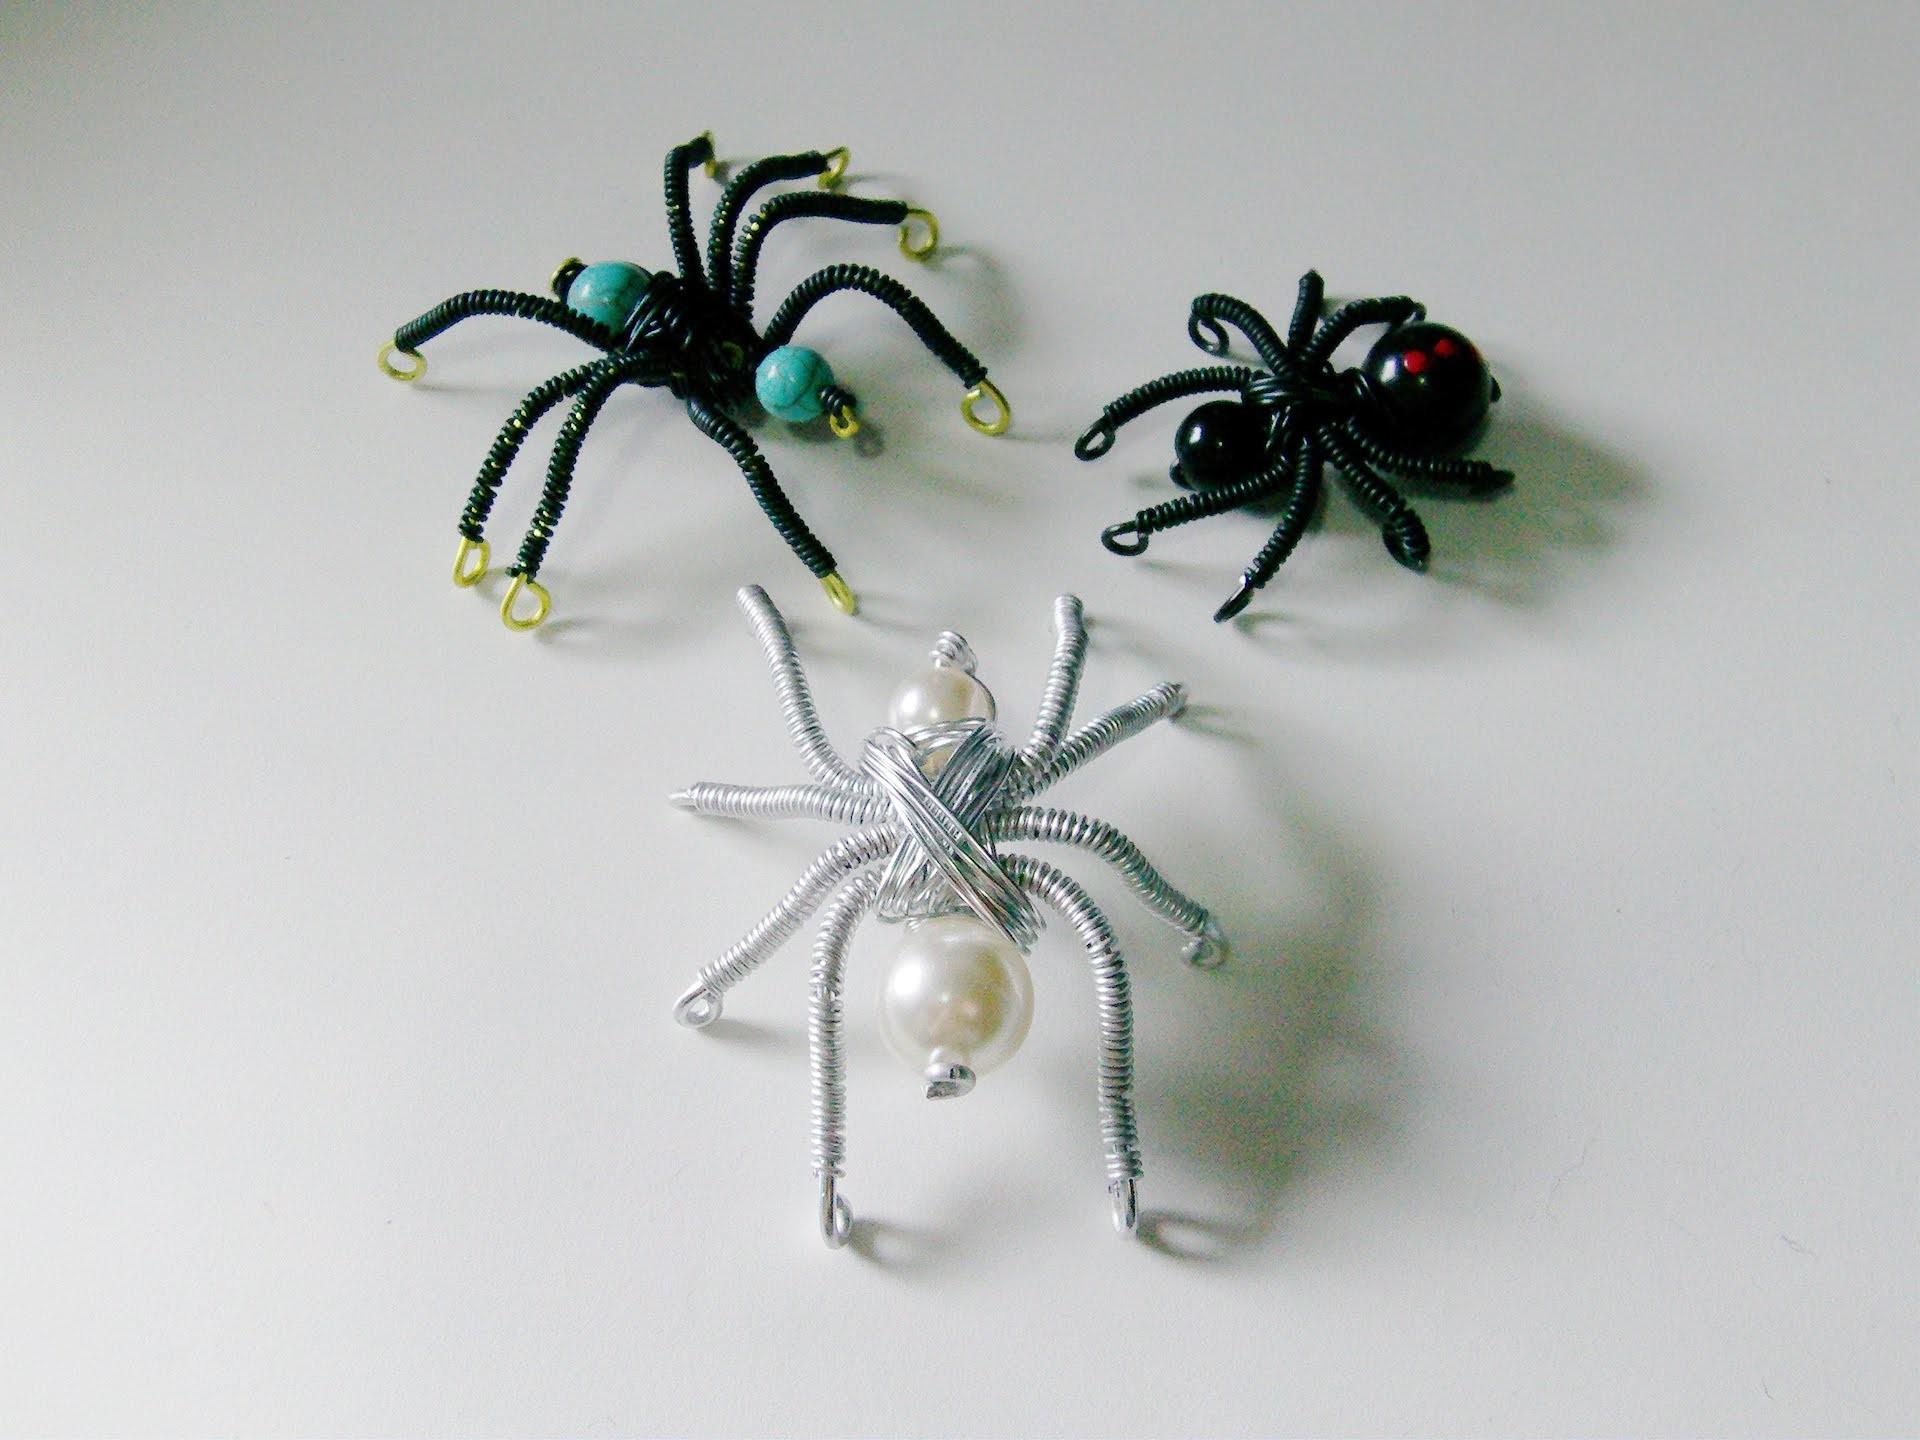 Arañas de alambre y cuentas DIY (wire spiders)